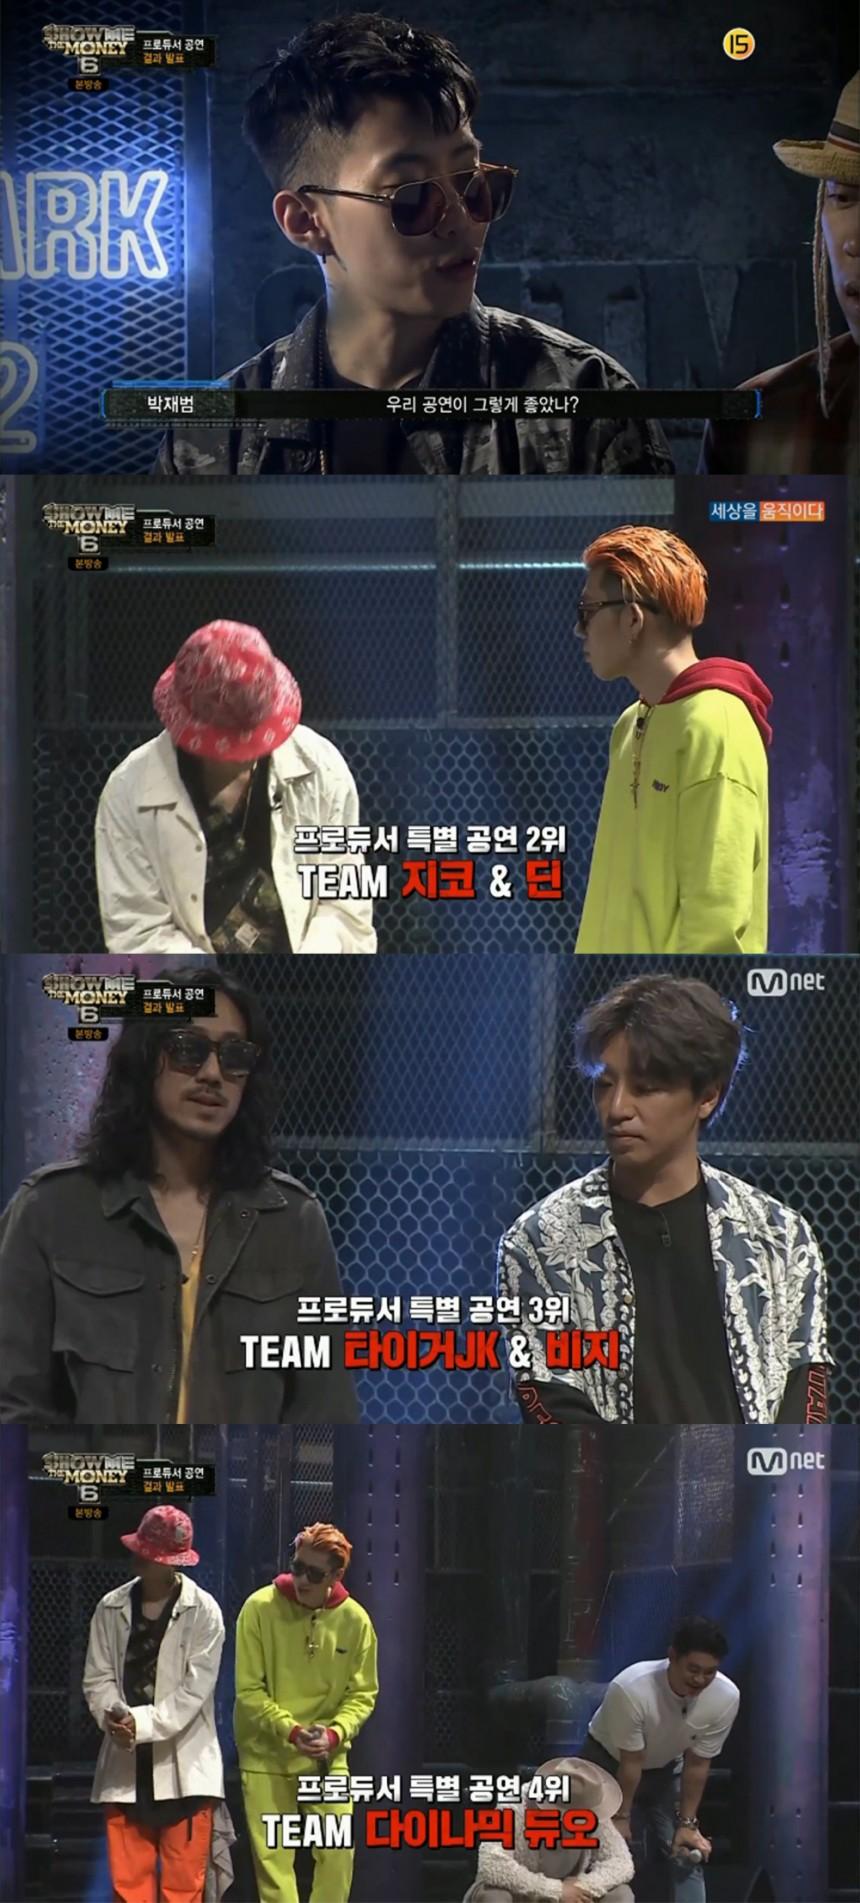 Mnet '쇼미더머니6' / Mnet '쇼미더머니6' 방송 캡처